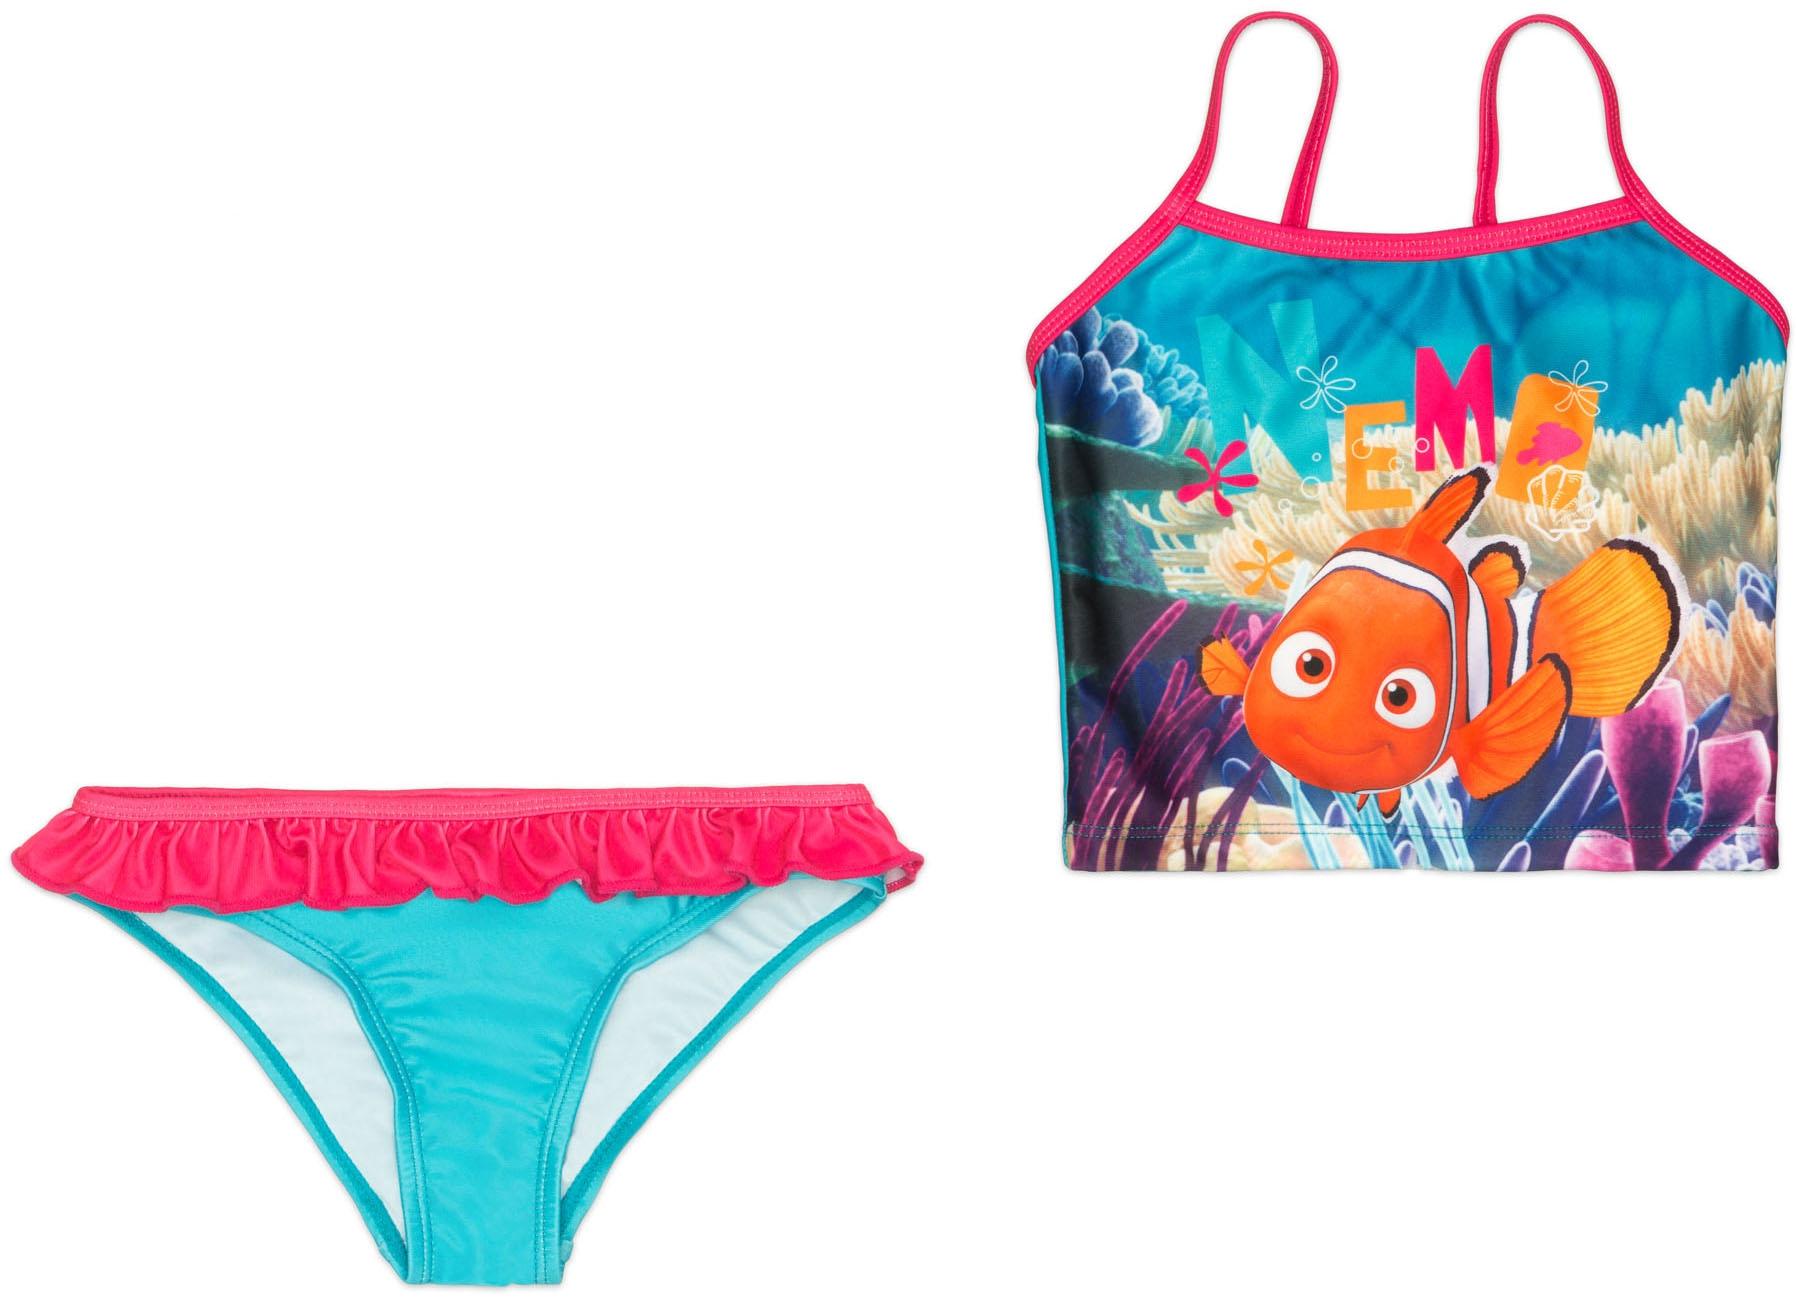 Купальники и плавки Finding Nemo Костюм купальный модель танкини Finding Nemo, бирюзовый танкини brand new 2015 a0389dt5 234